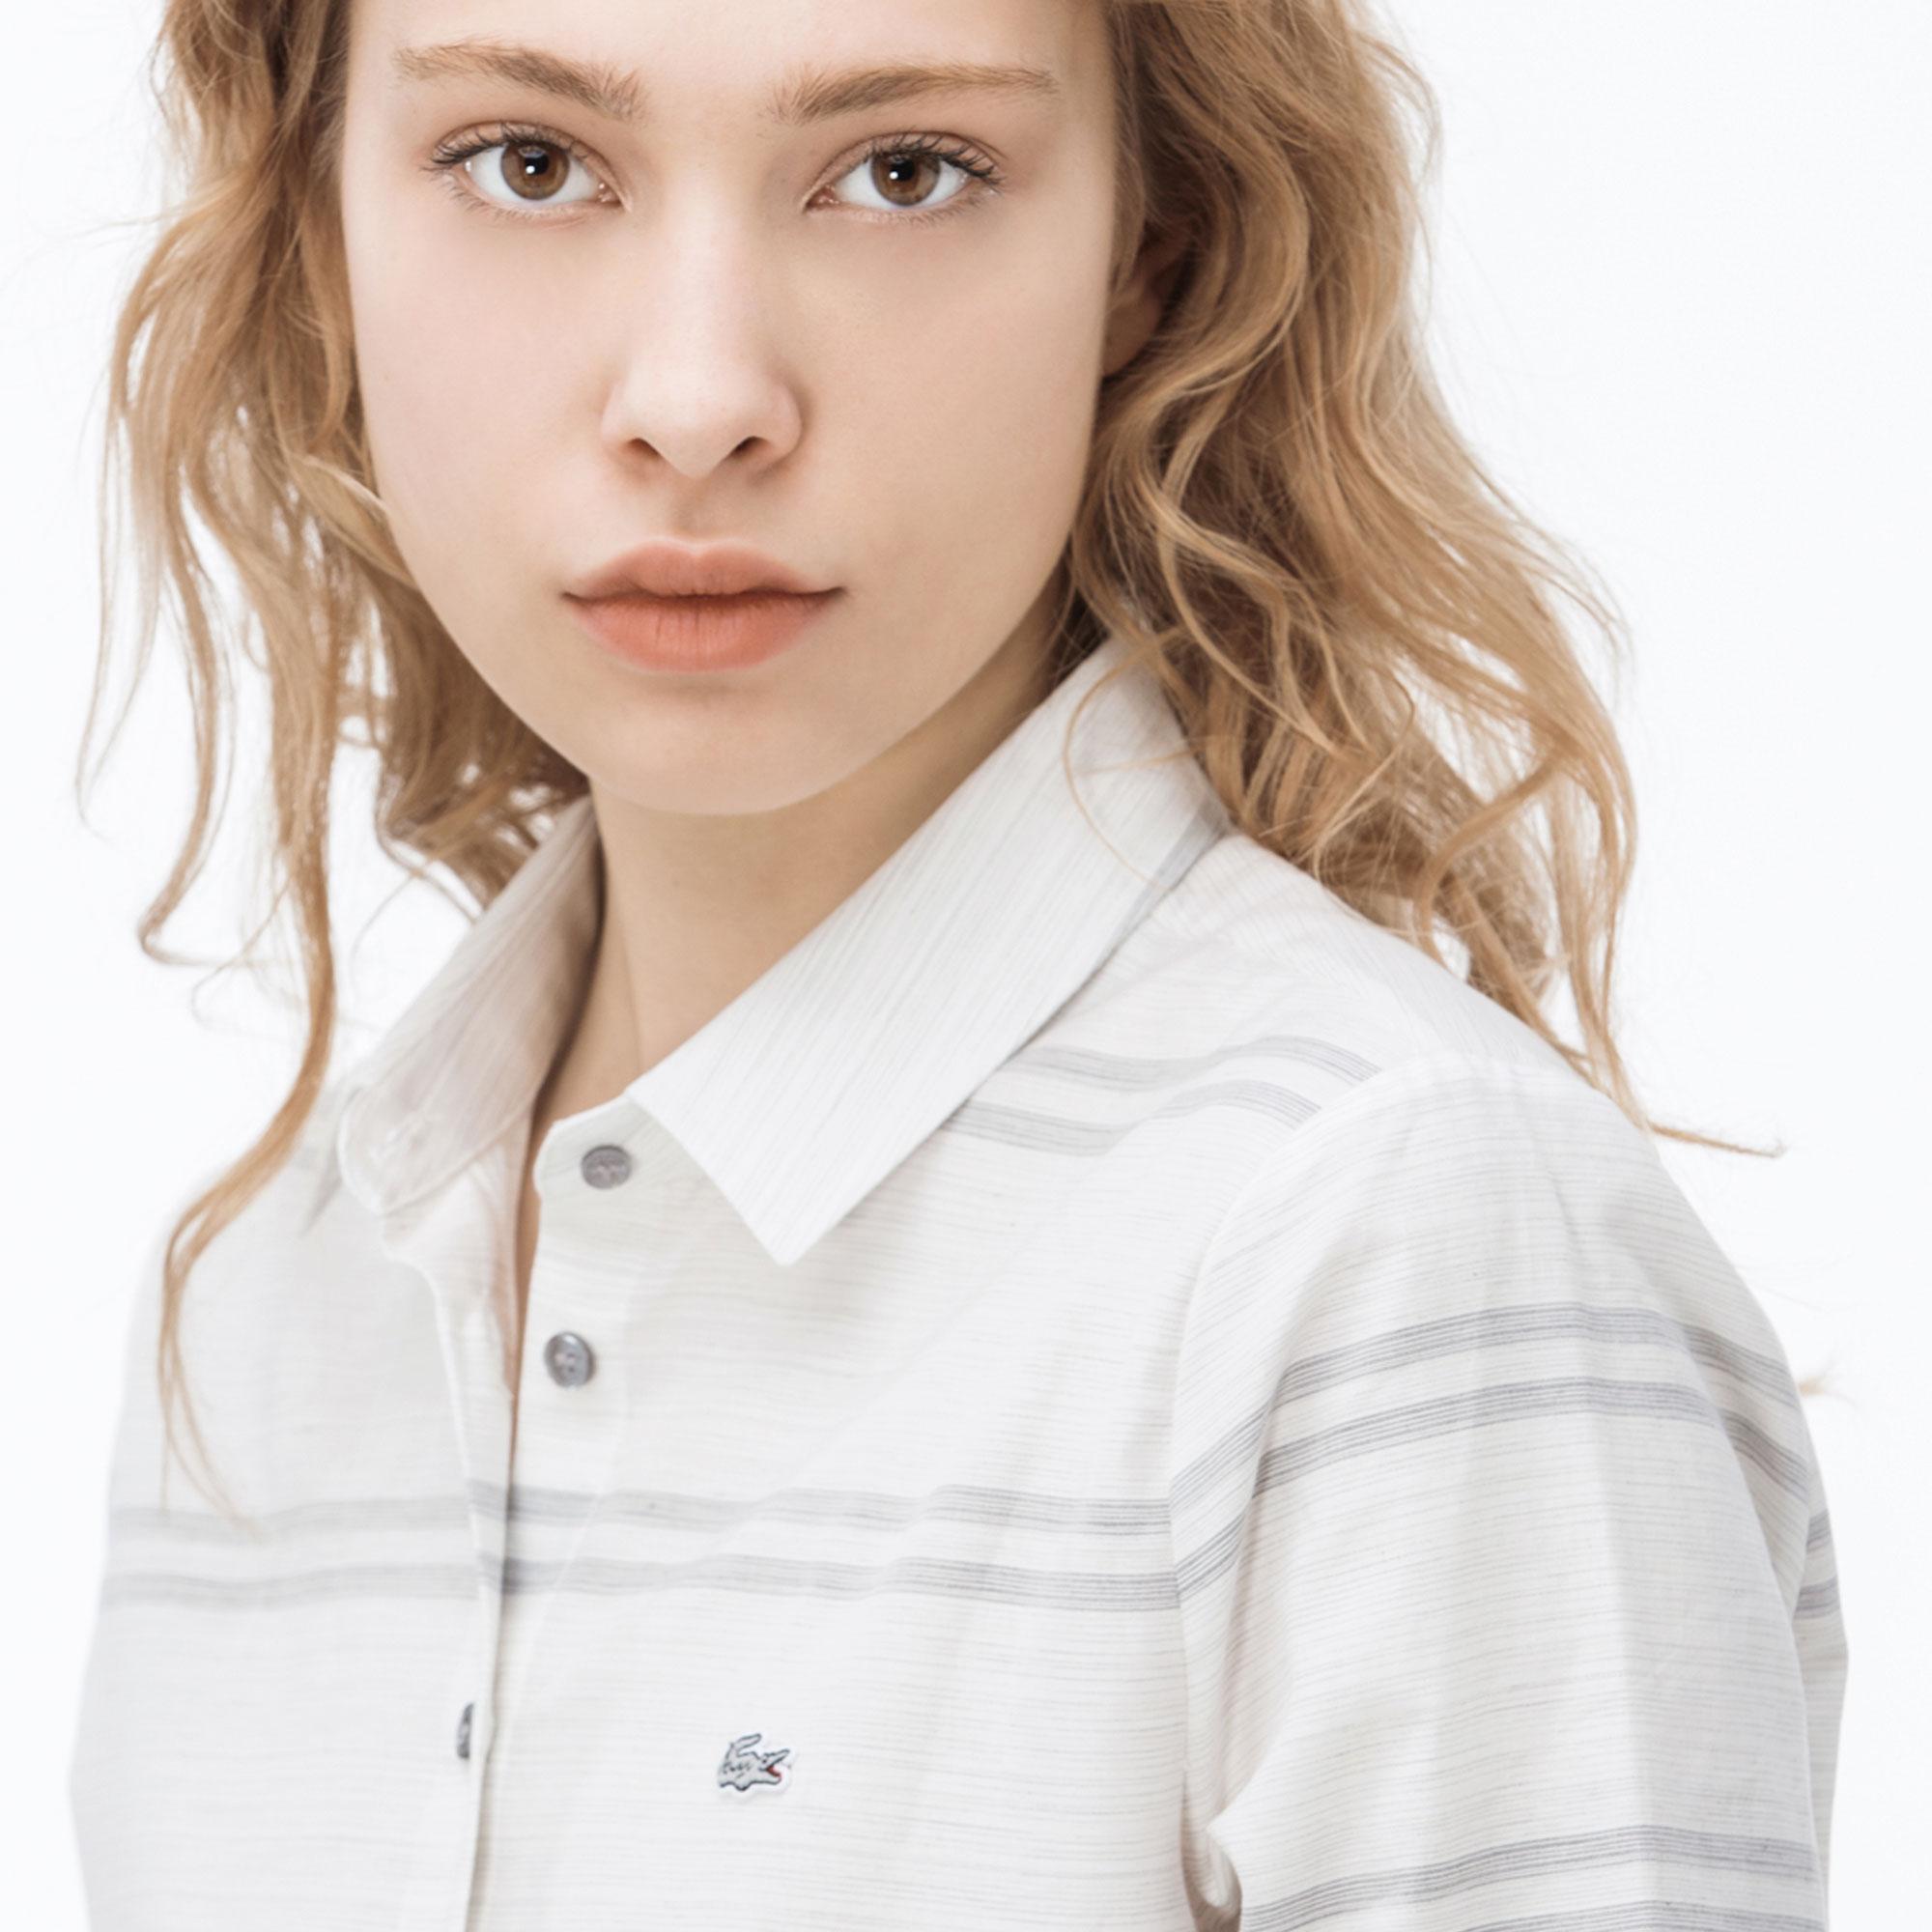 Lacoste Kadın Çizgili Gri Gömlek